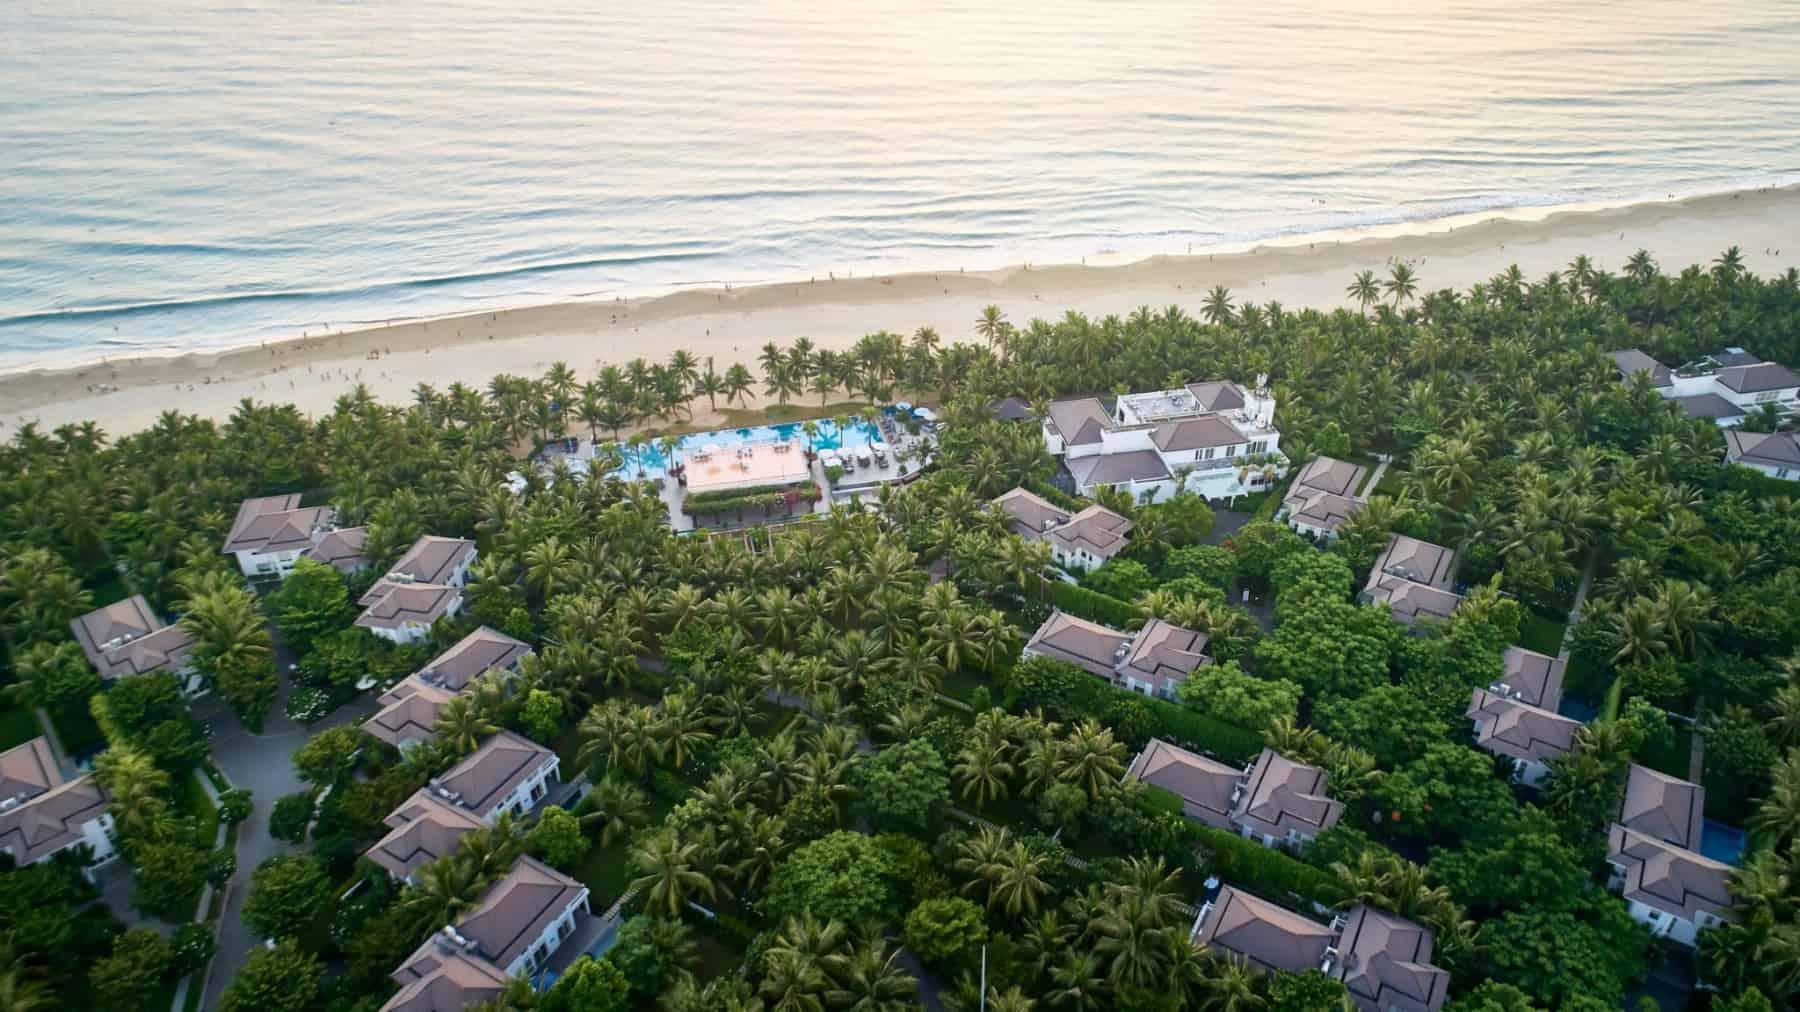 Premier village Danang resort - khu resort trong thành phố biển